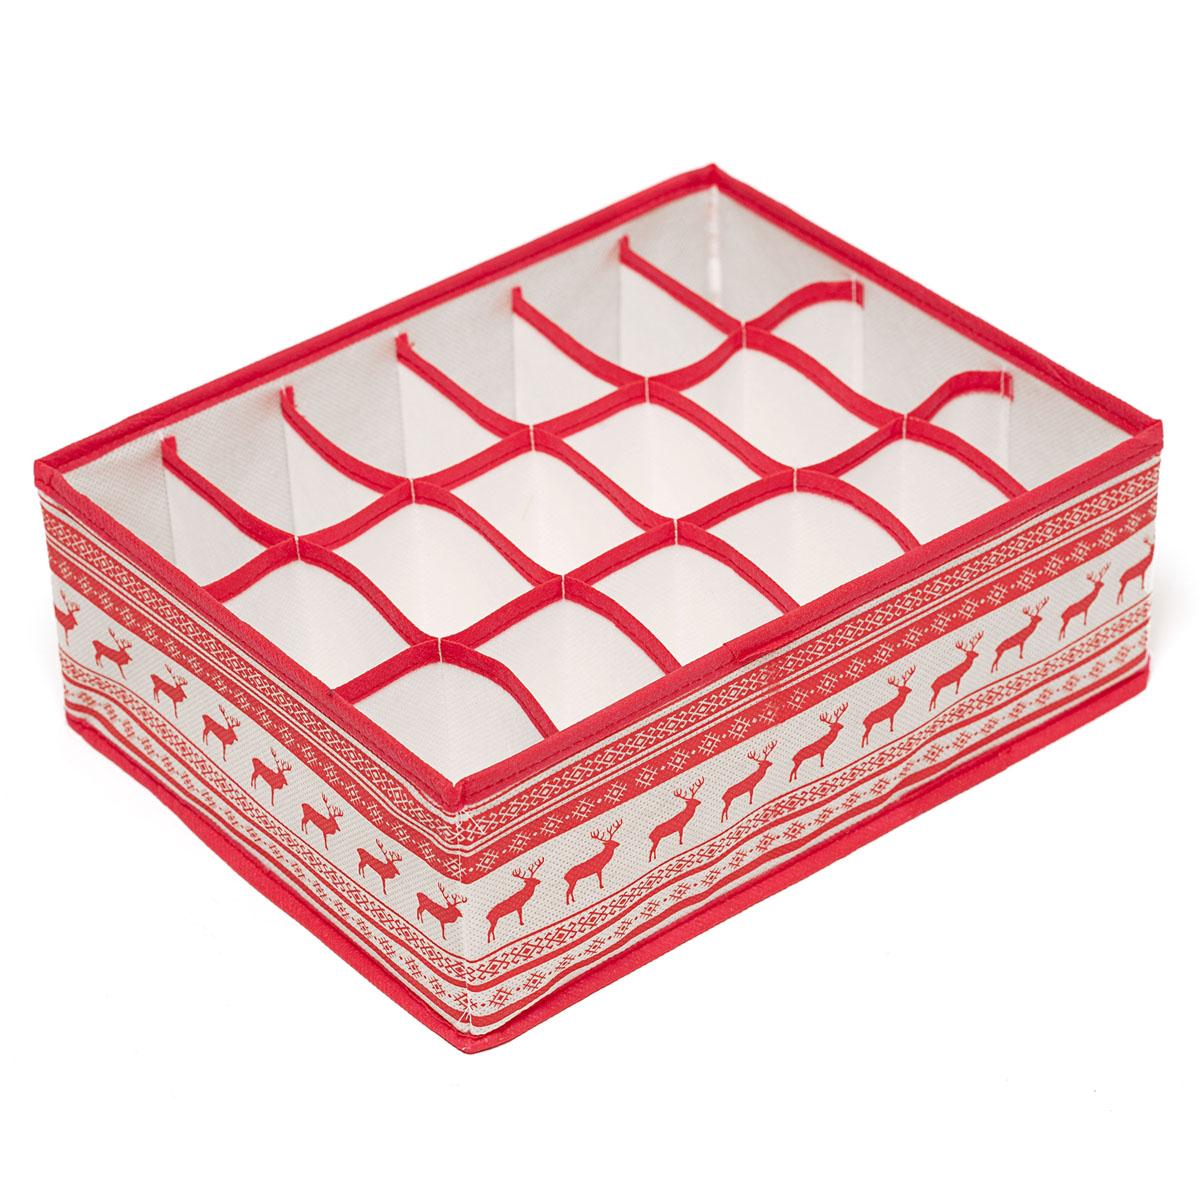 Органайзер для хранения вещей Homsu Scandinavia, 18 секций, 31 х 24 х 11 смHOM-130Квадратный и плоский органайзер с 18 раздельными ячейками 7см на 5см очень удобен для хранения мелких вещей в вашем ящике или на полке. Идеально для носков, платков, галстуков и других вещей ежедневного пользования. Имеет жесткие борта, что является гарантией сохраности вещей. Фактический цвет может отличаться от заявленного.